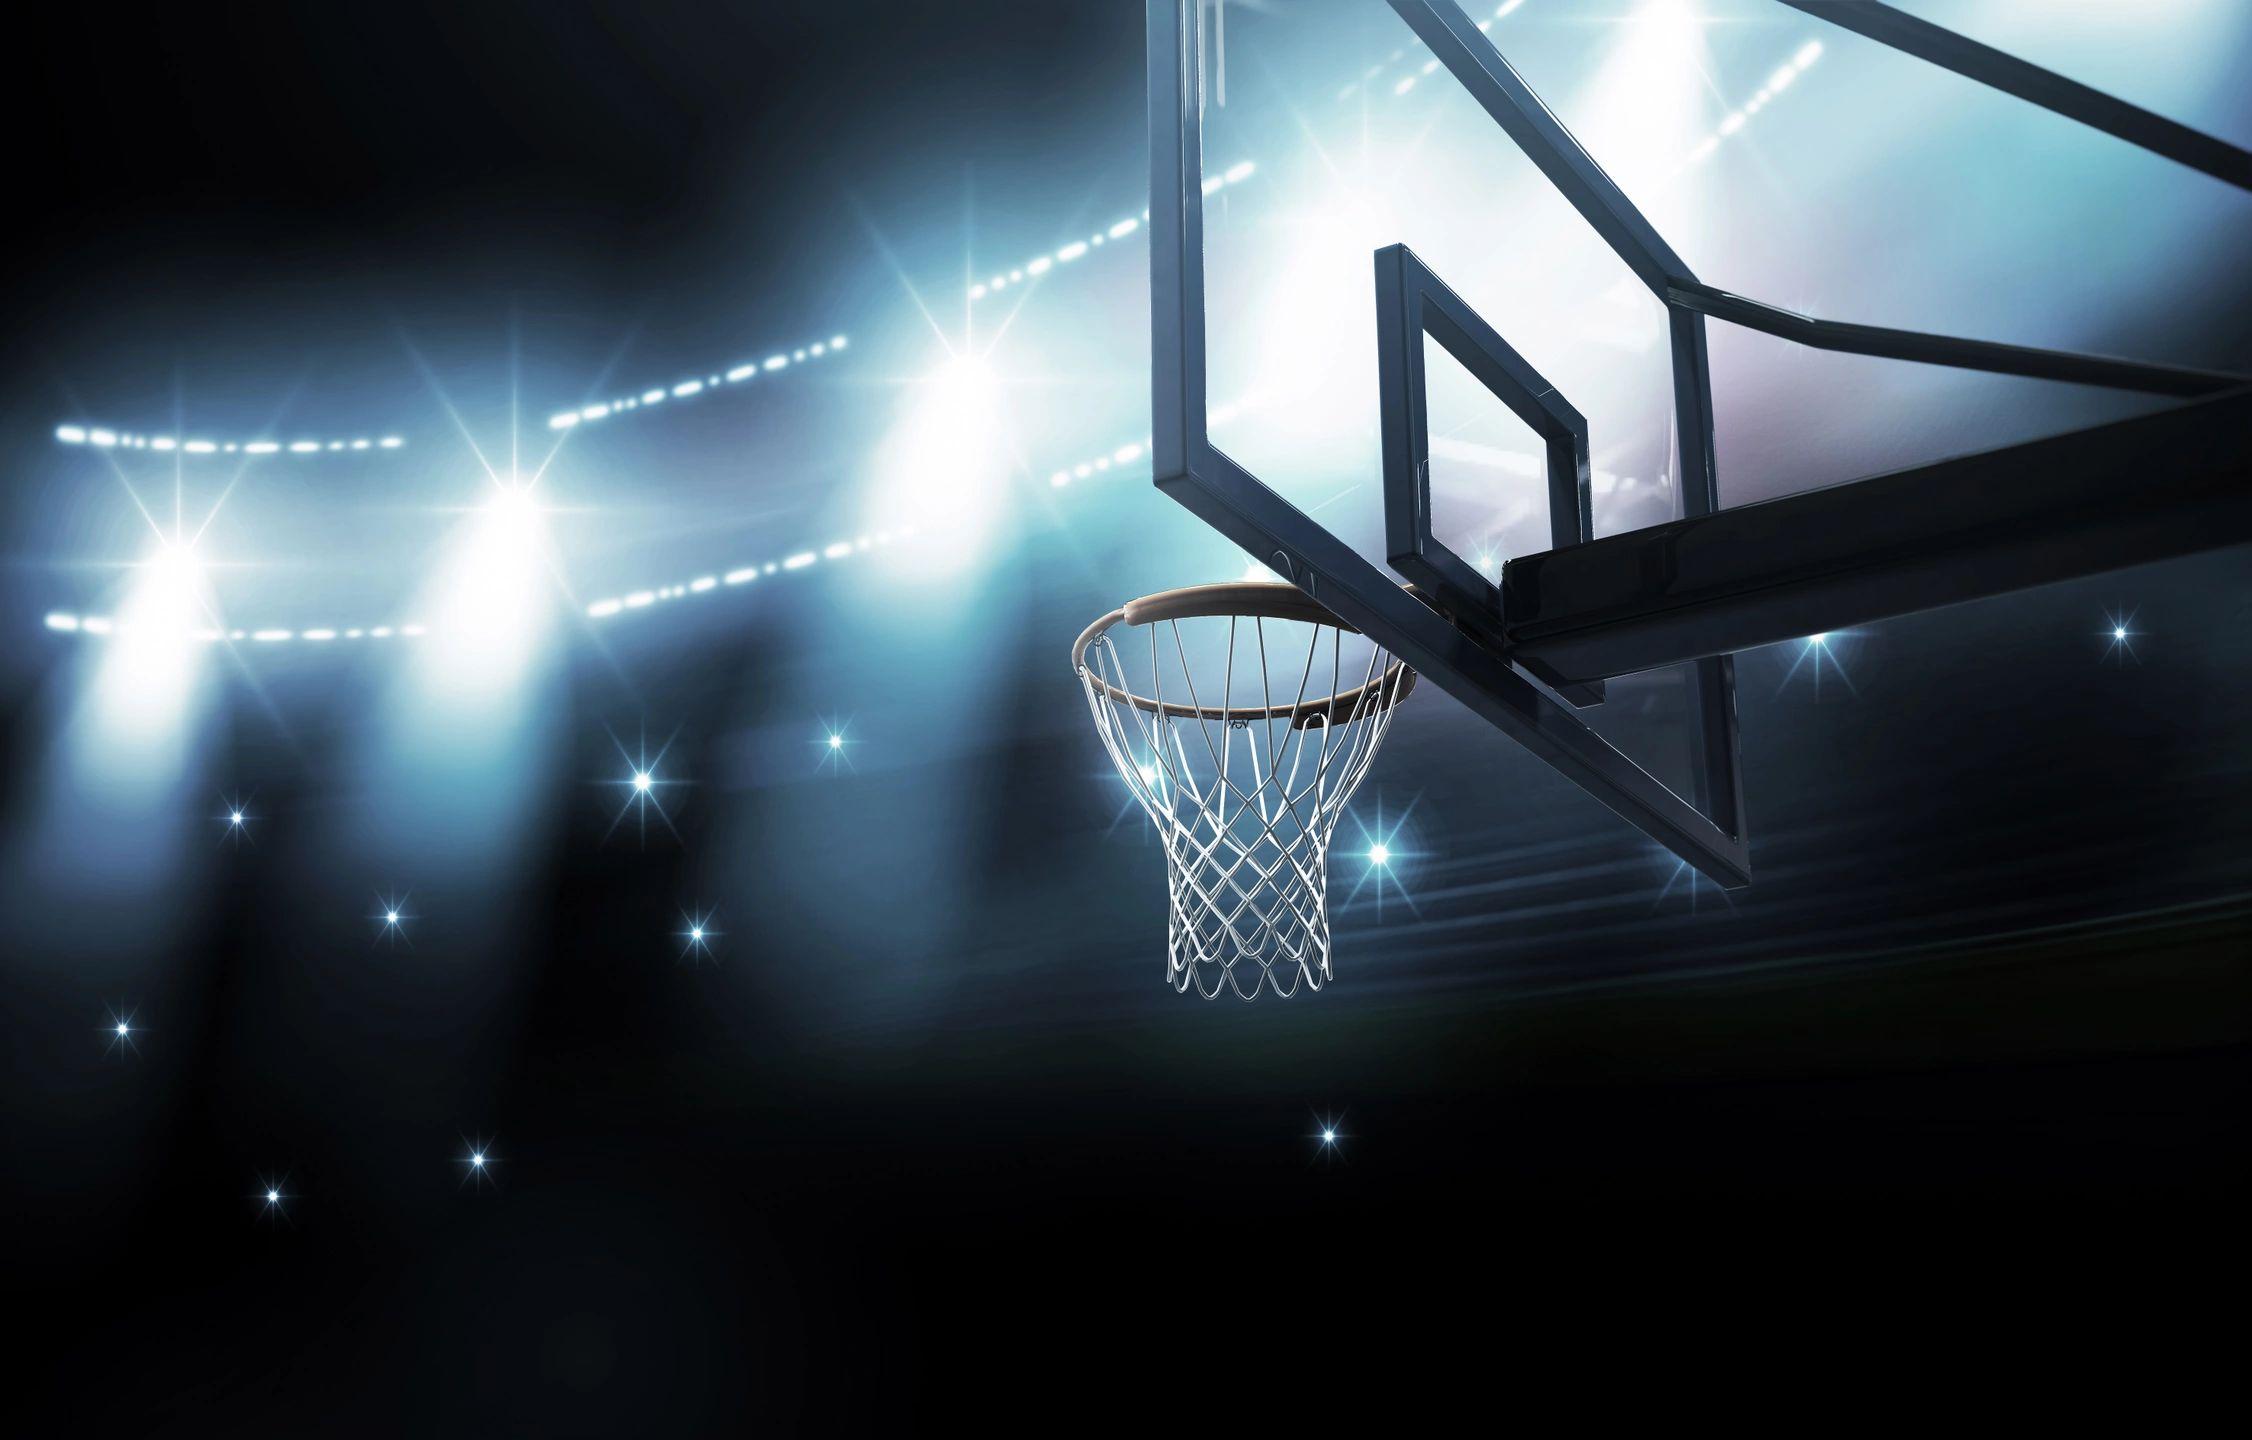 basketball hoop and lights